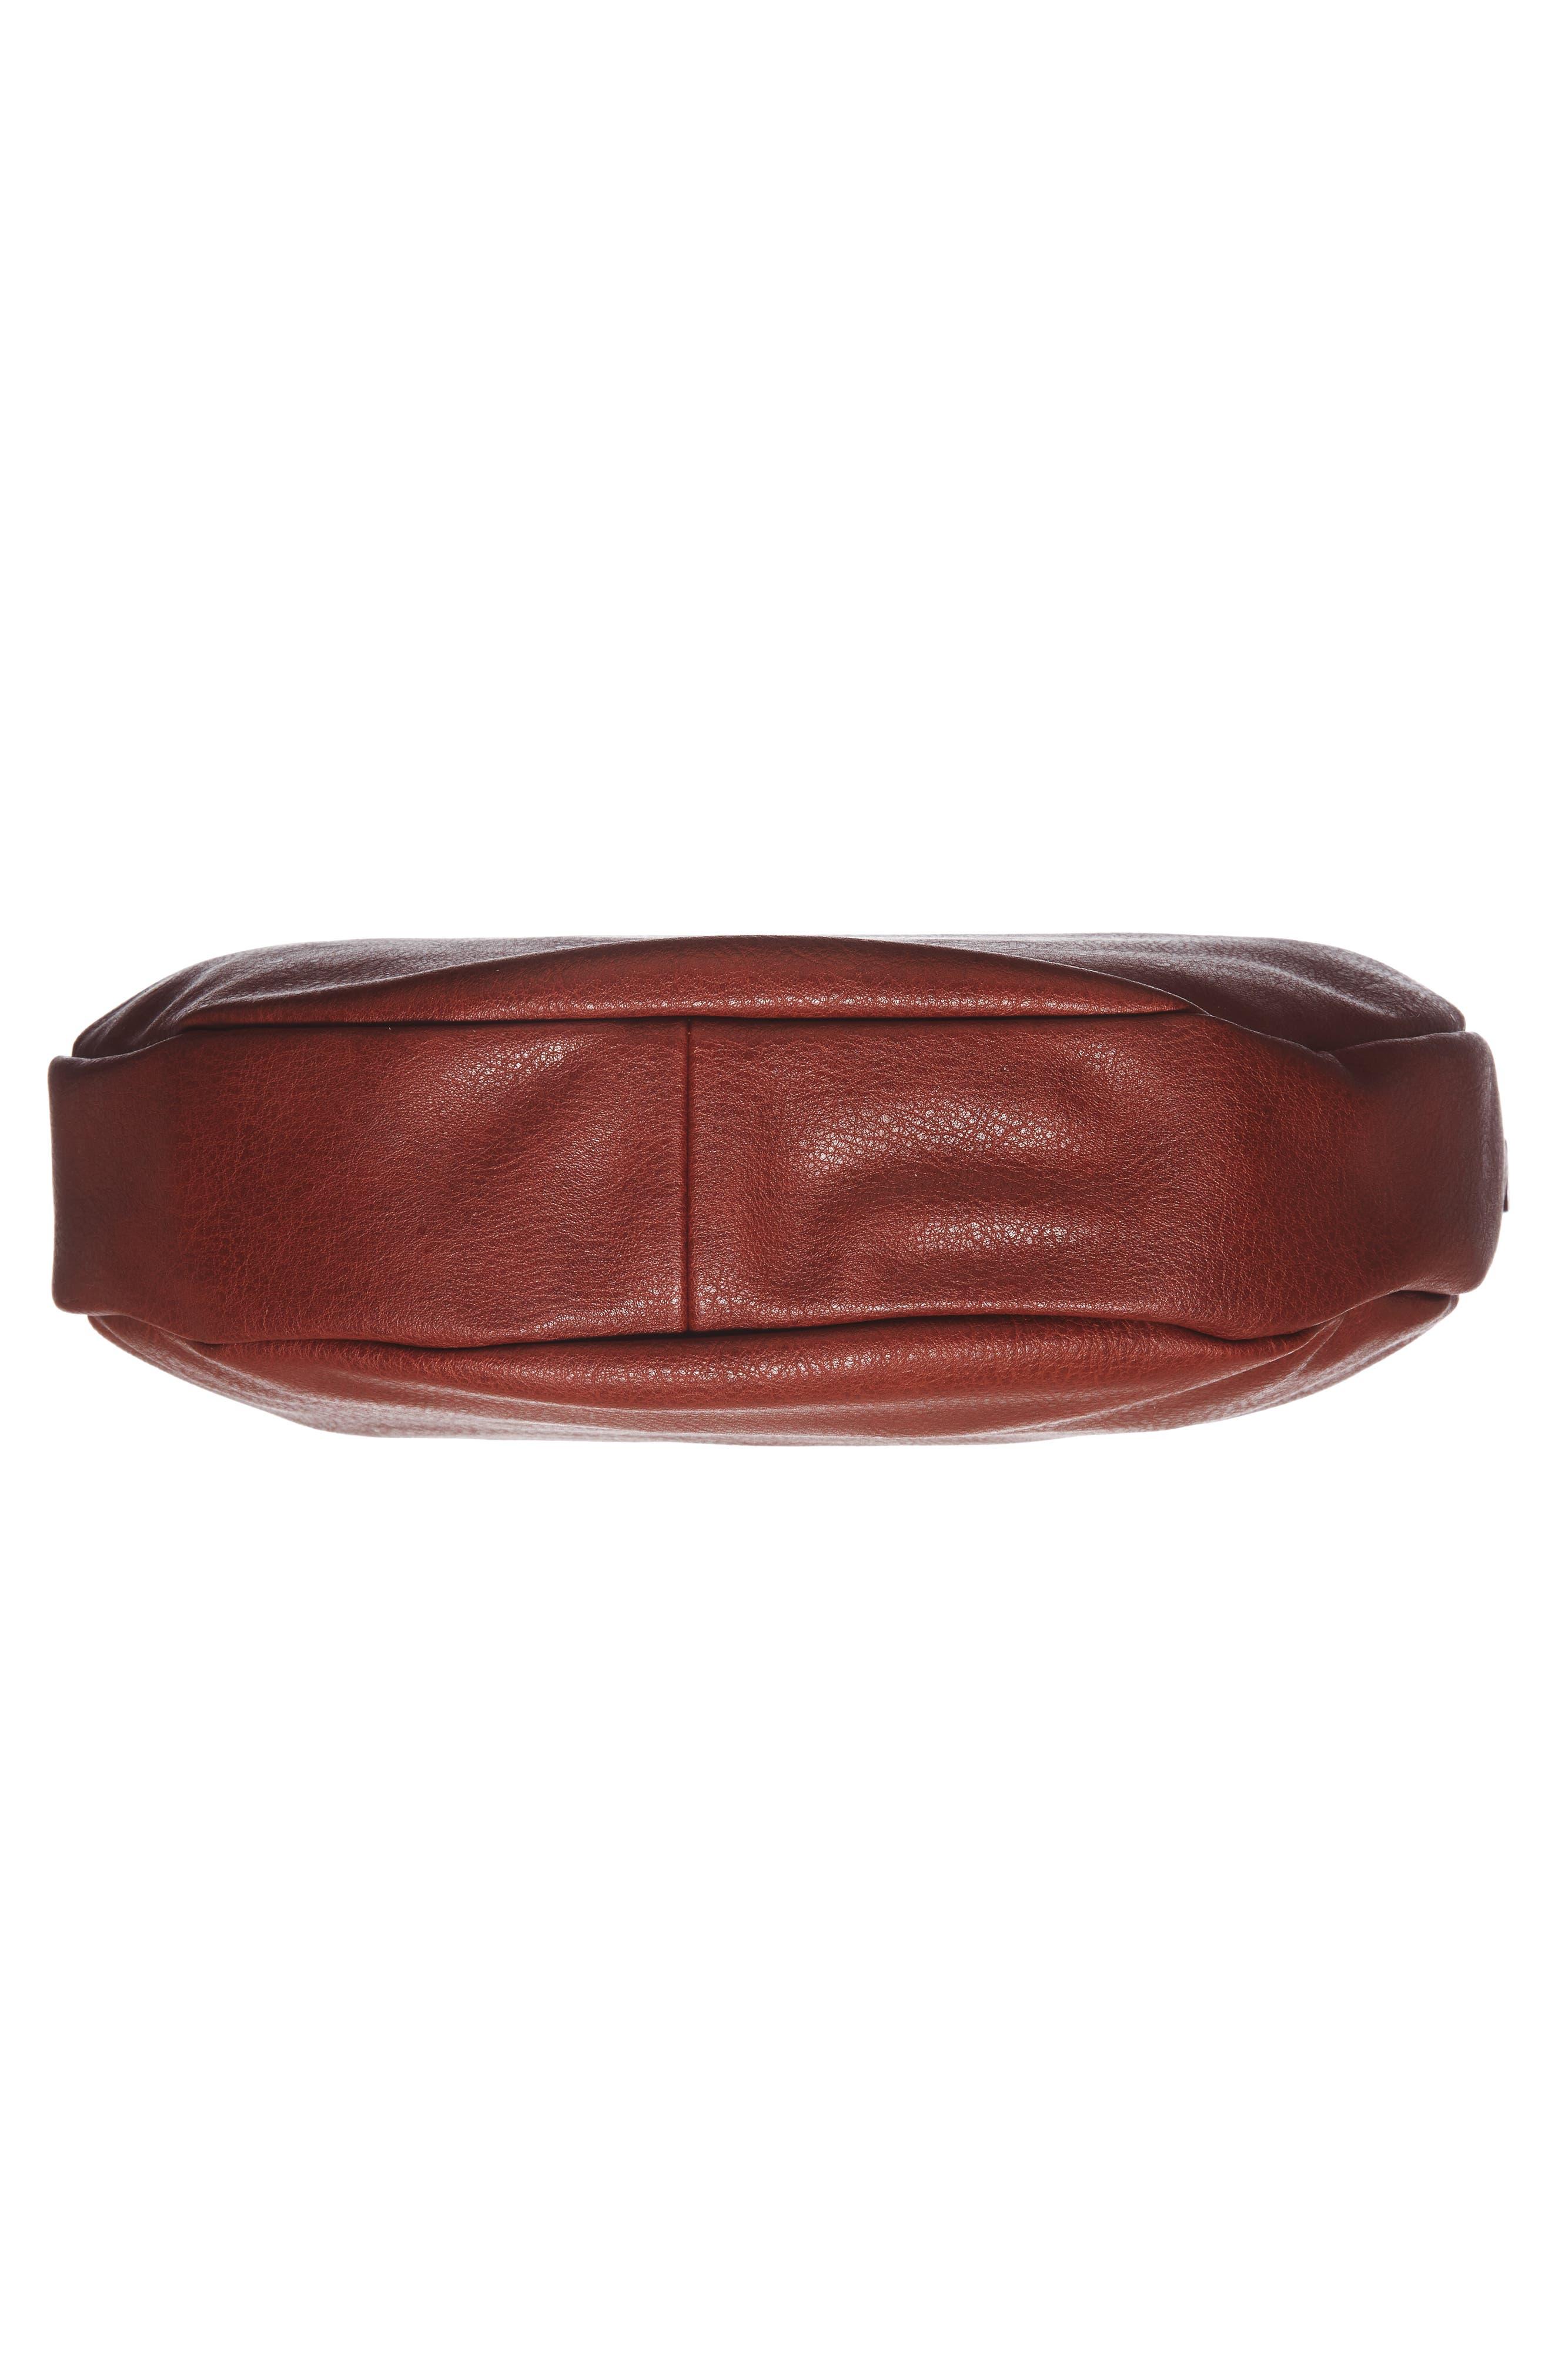 Kadence Faux Leather Shoulder Bag,                             Alternate thumbnail 12, color,